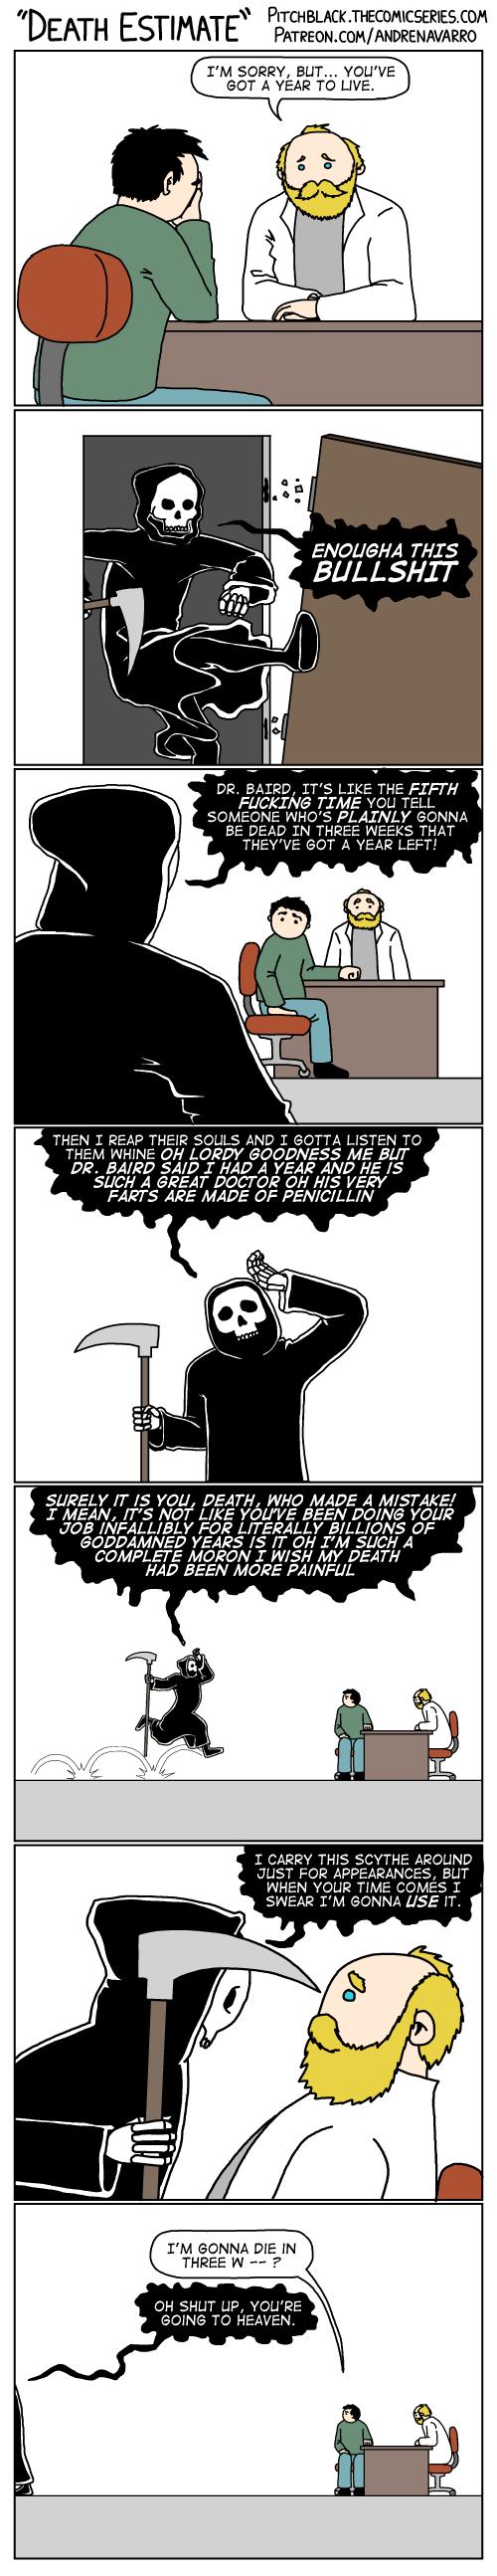 Death Estimate